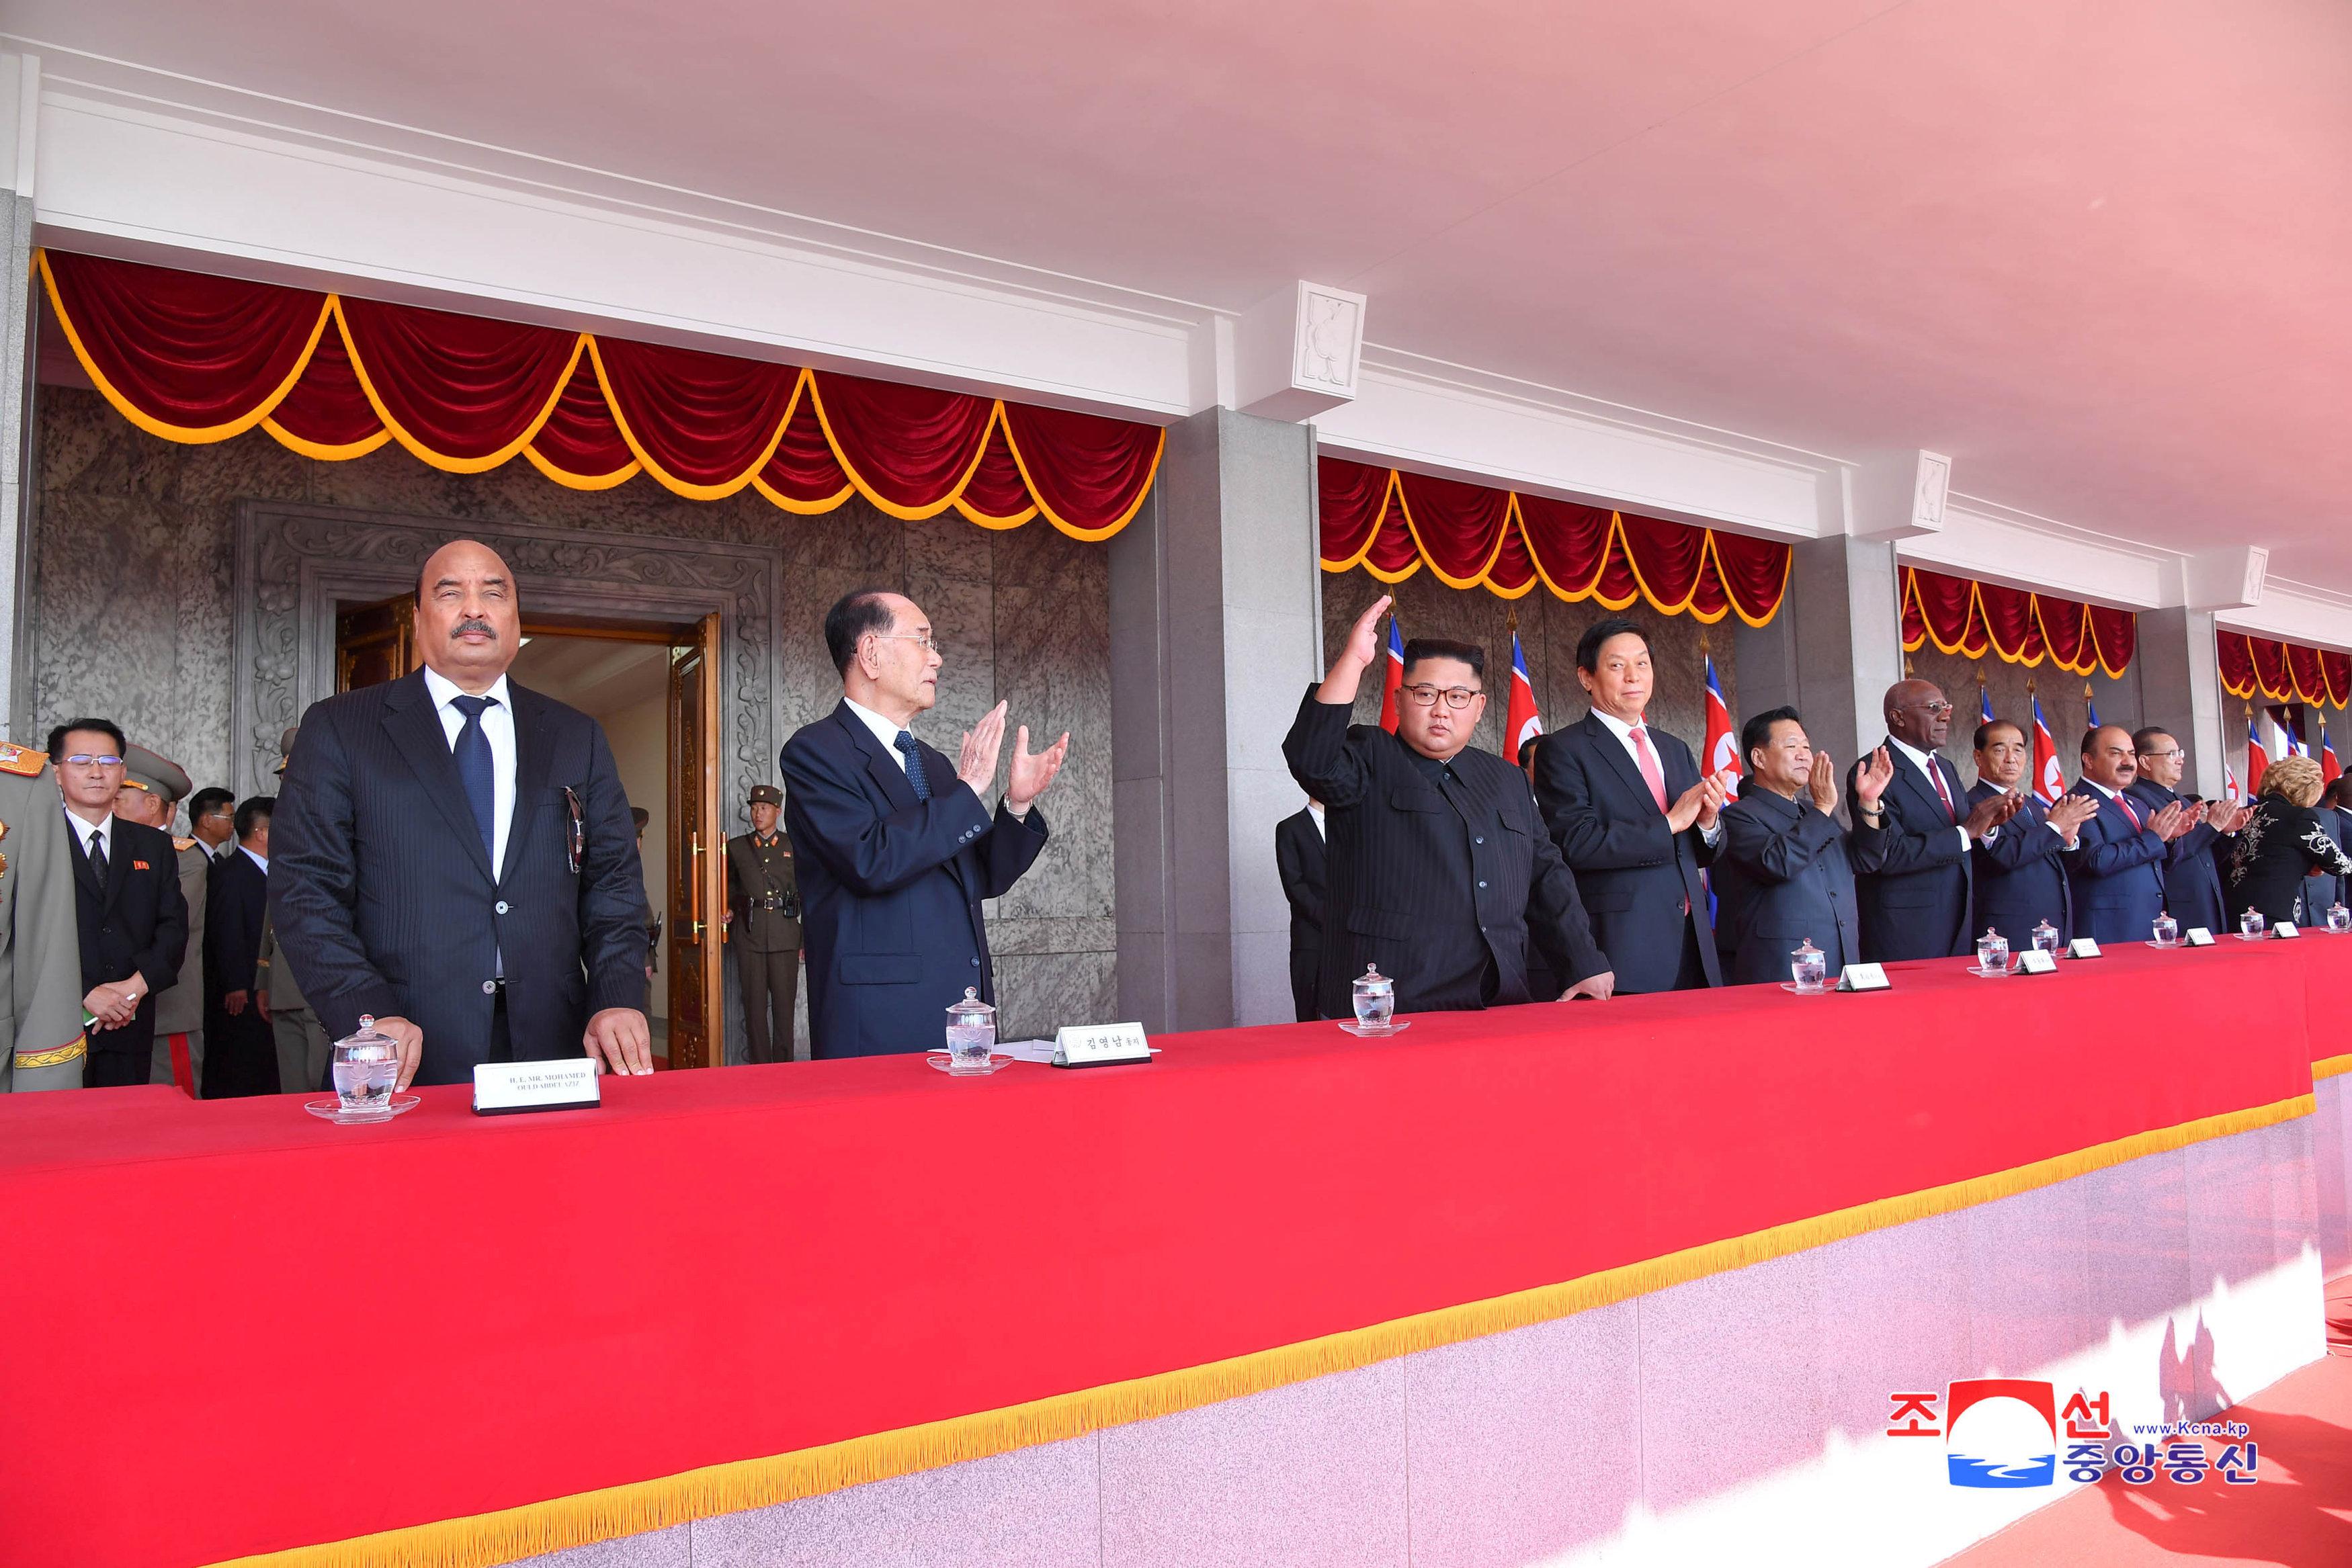 زعيم كوريا الشمالية أثناء حضوره احد الفعاليات